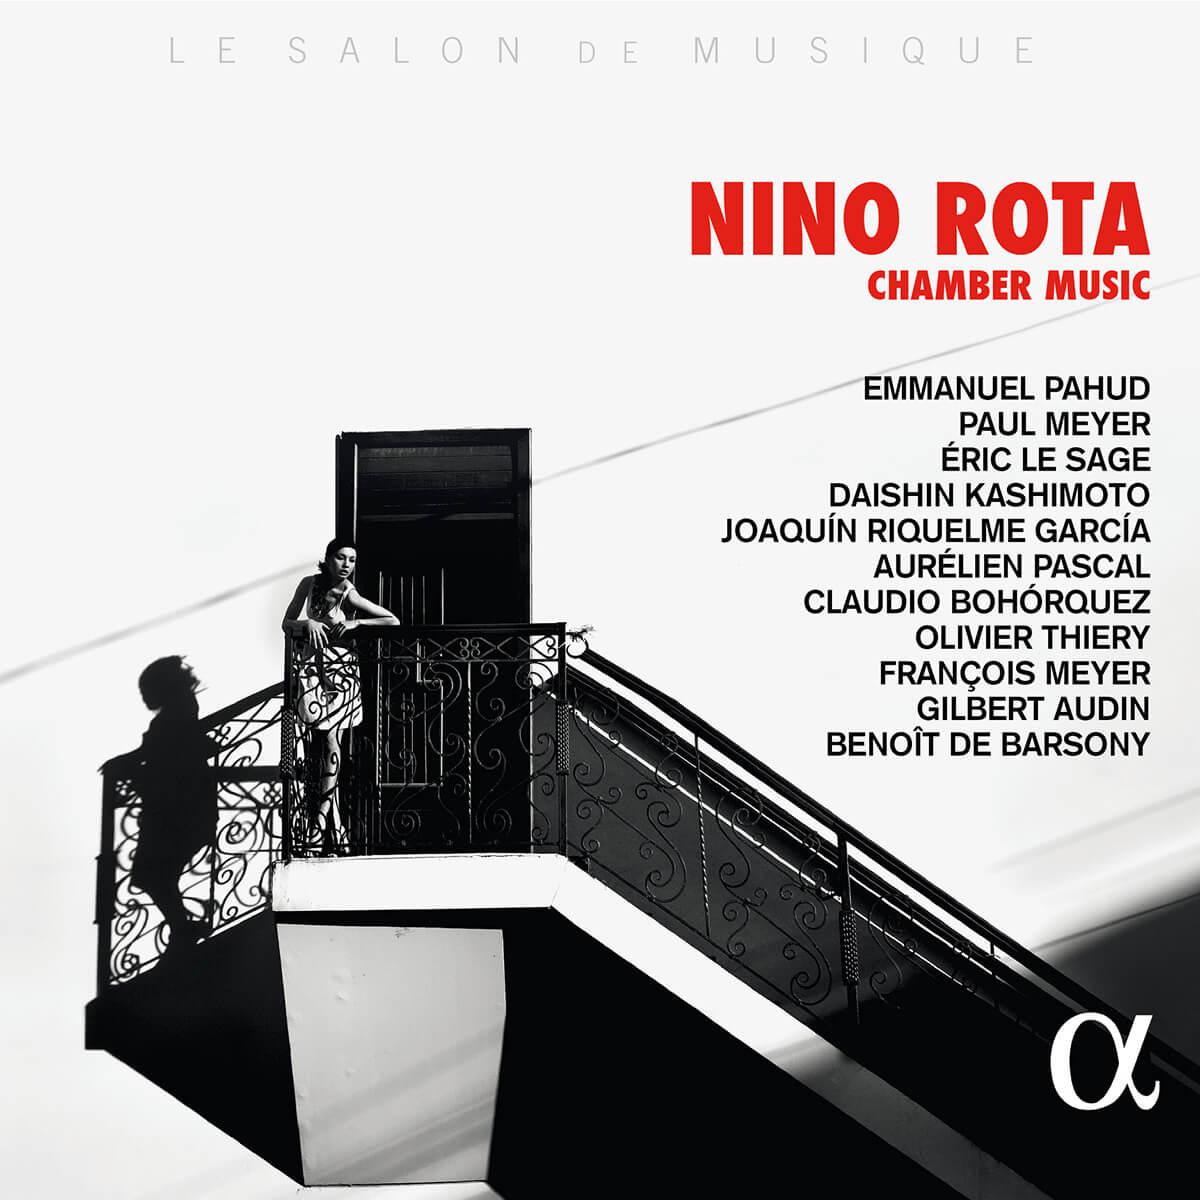 Nino_Rota-Chamber_music_cover